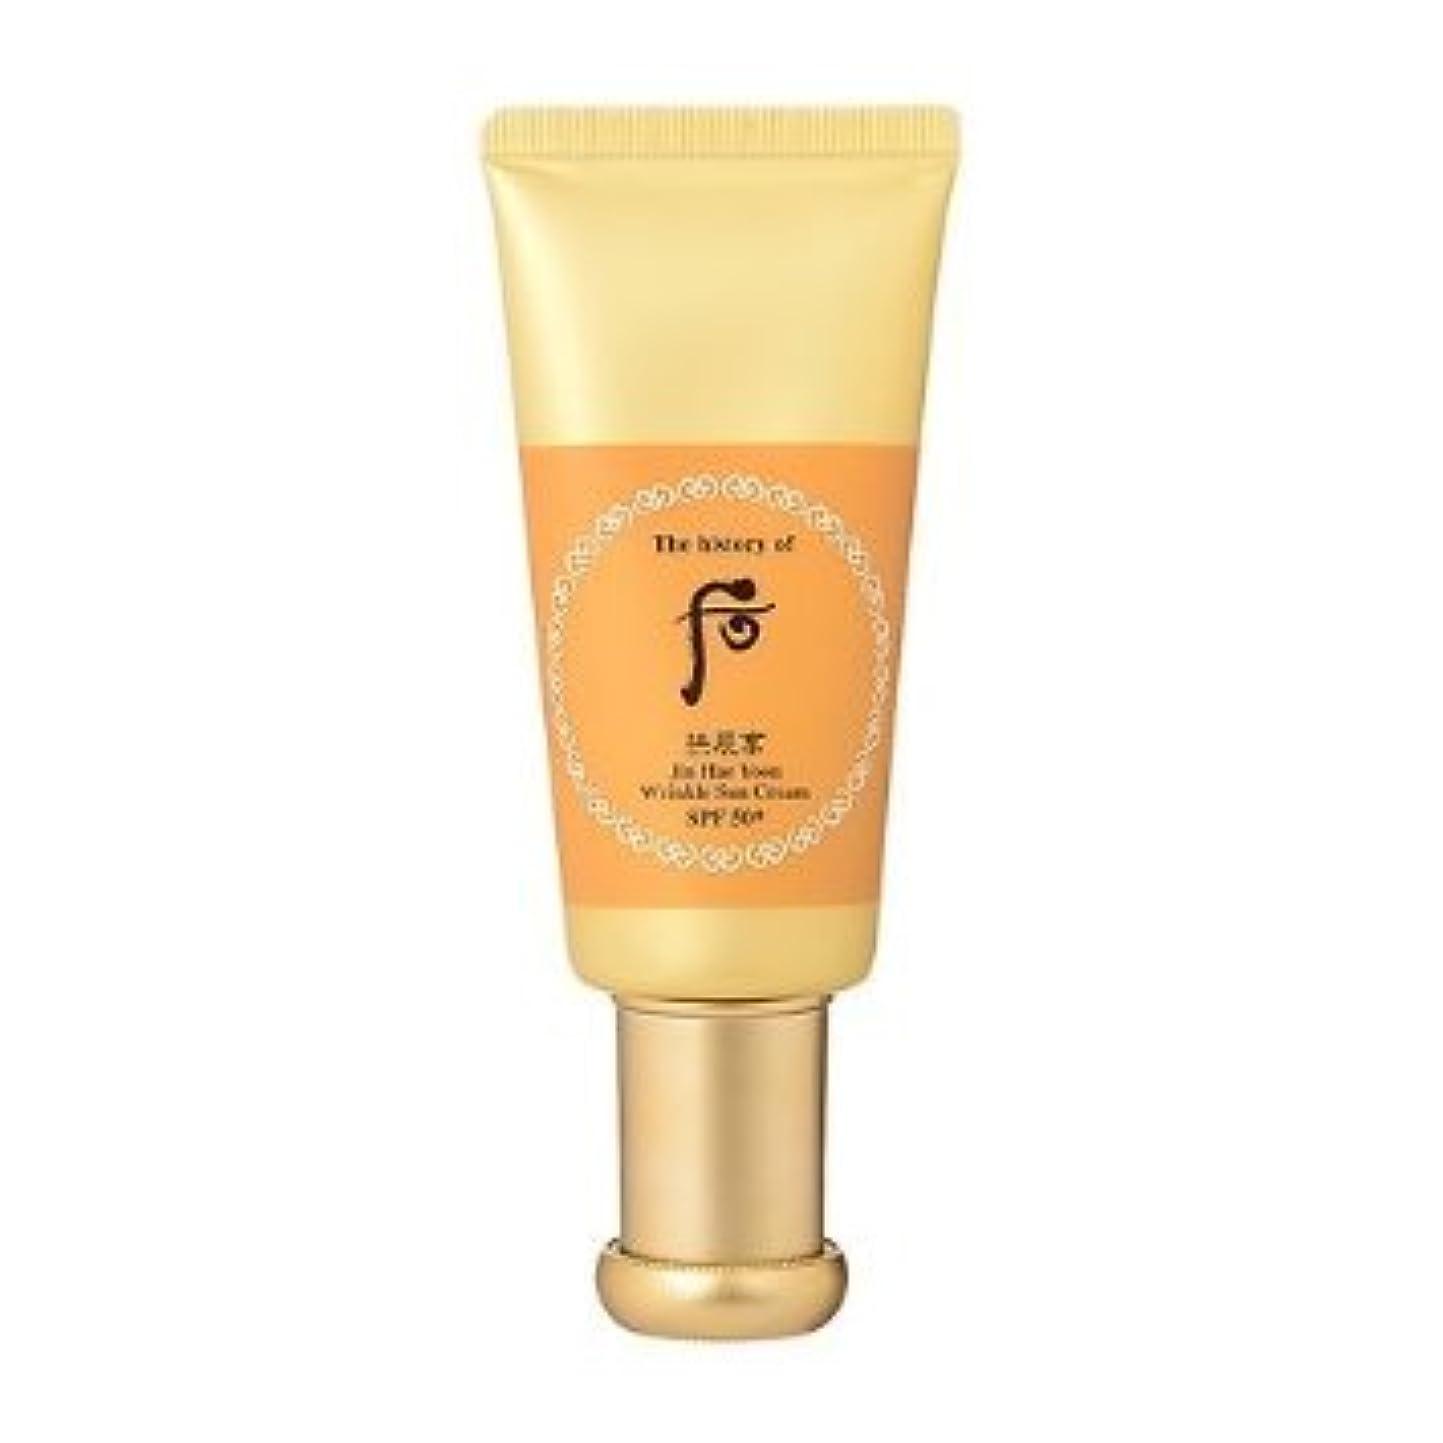 不従順パプアニューギニア衝撃The History of Whoo Gongjinhyang Jin Hae Yoon Wrinkle Sun Cream(spf5-+ Pa+++) 50ml(SPF50+, PA+++) 15g x 2ea[行輸入品]